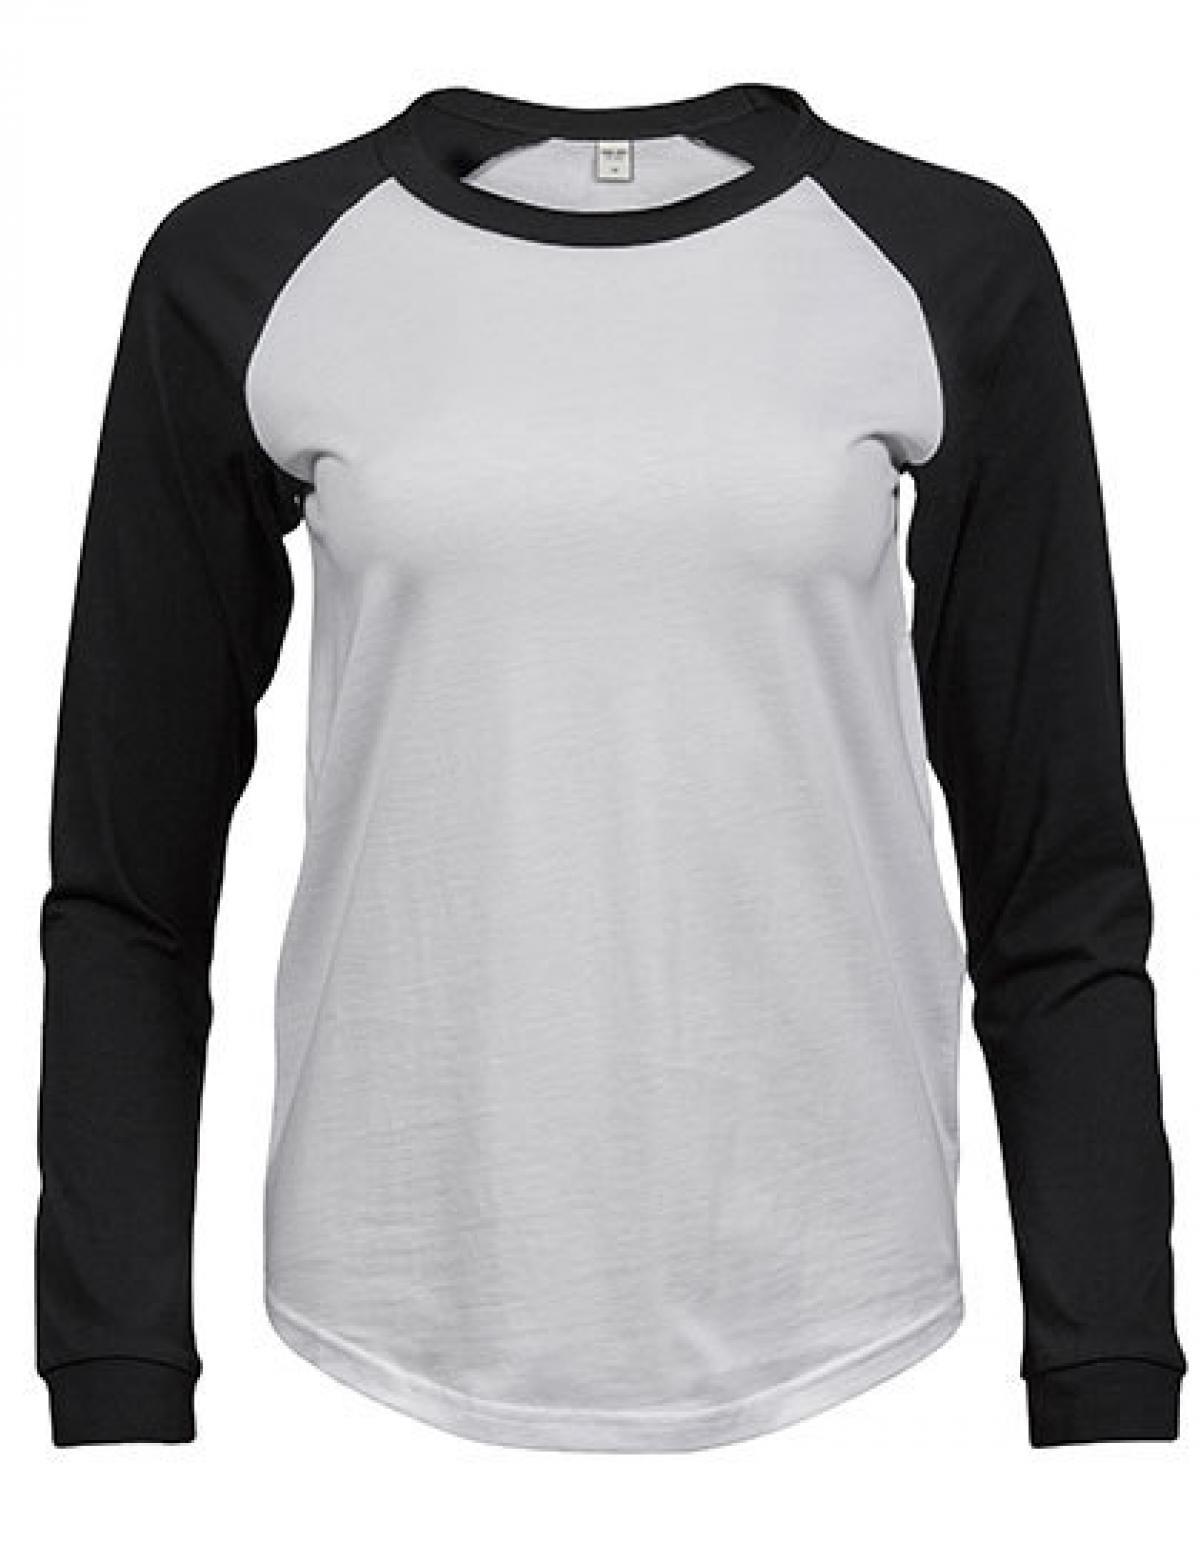 Damen Interlock Langarm T-Shirt von Tee Jays rundhals Longsleeve